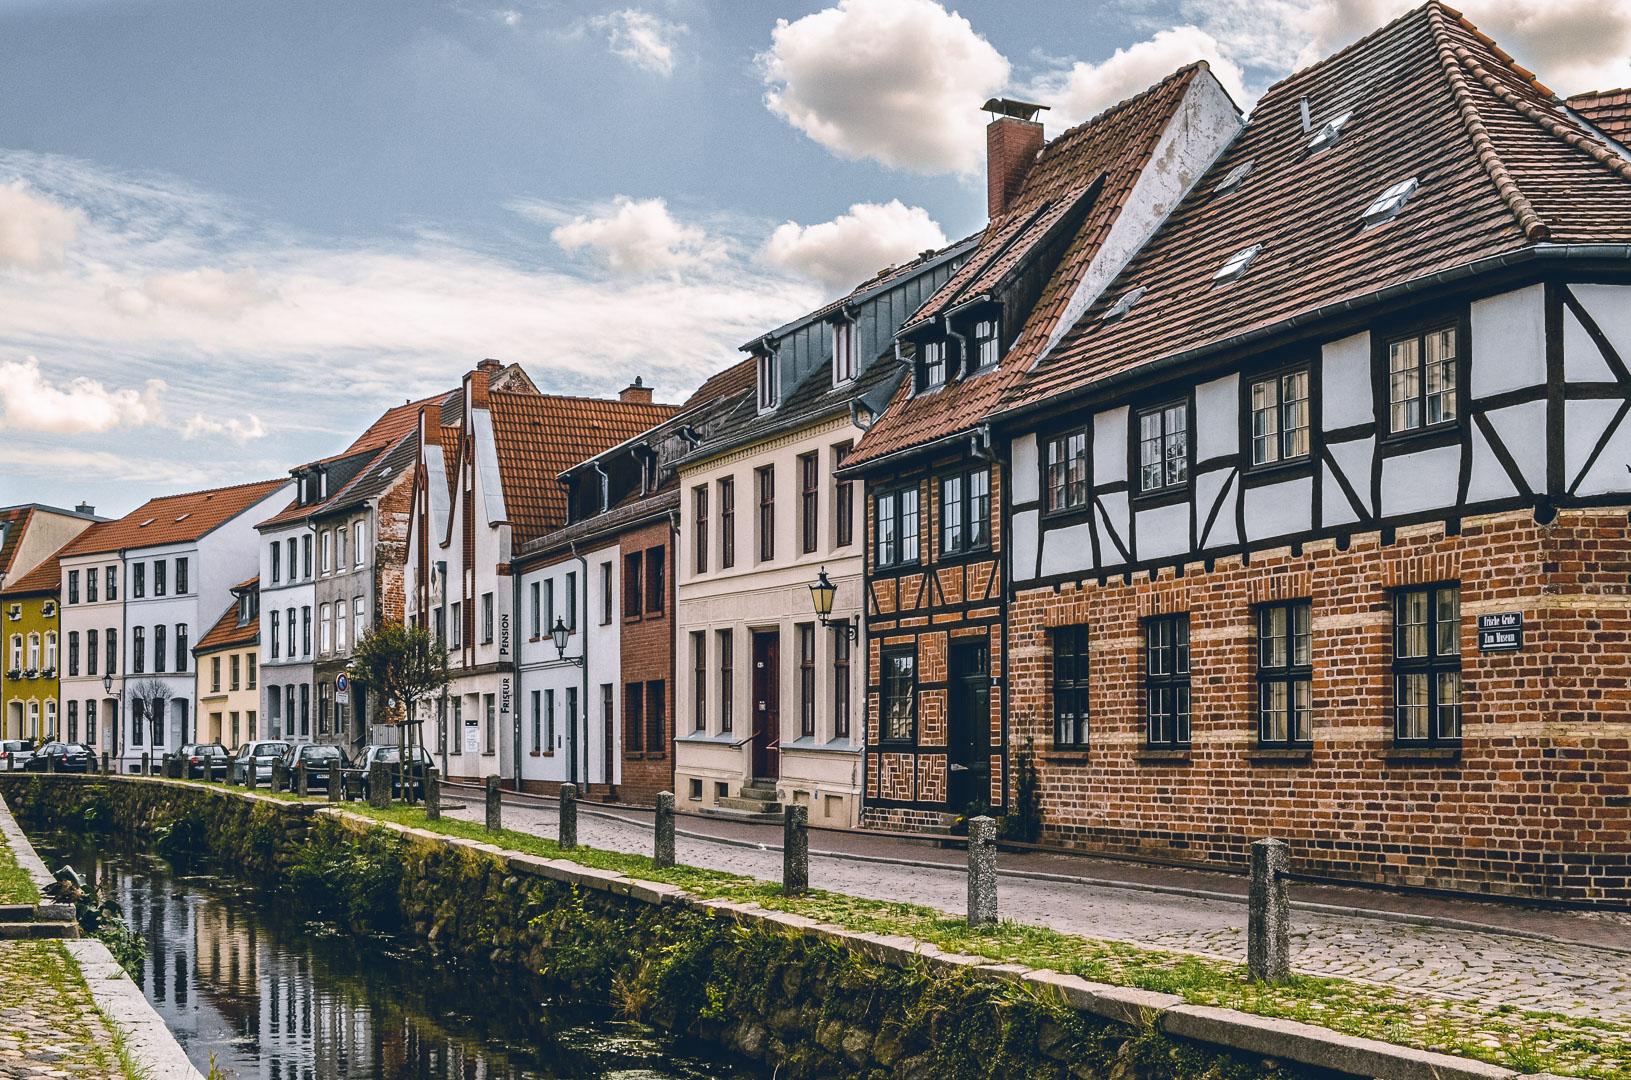 Die Altstadt wird vom Mühlenbach durchzogen